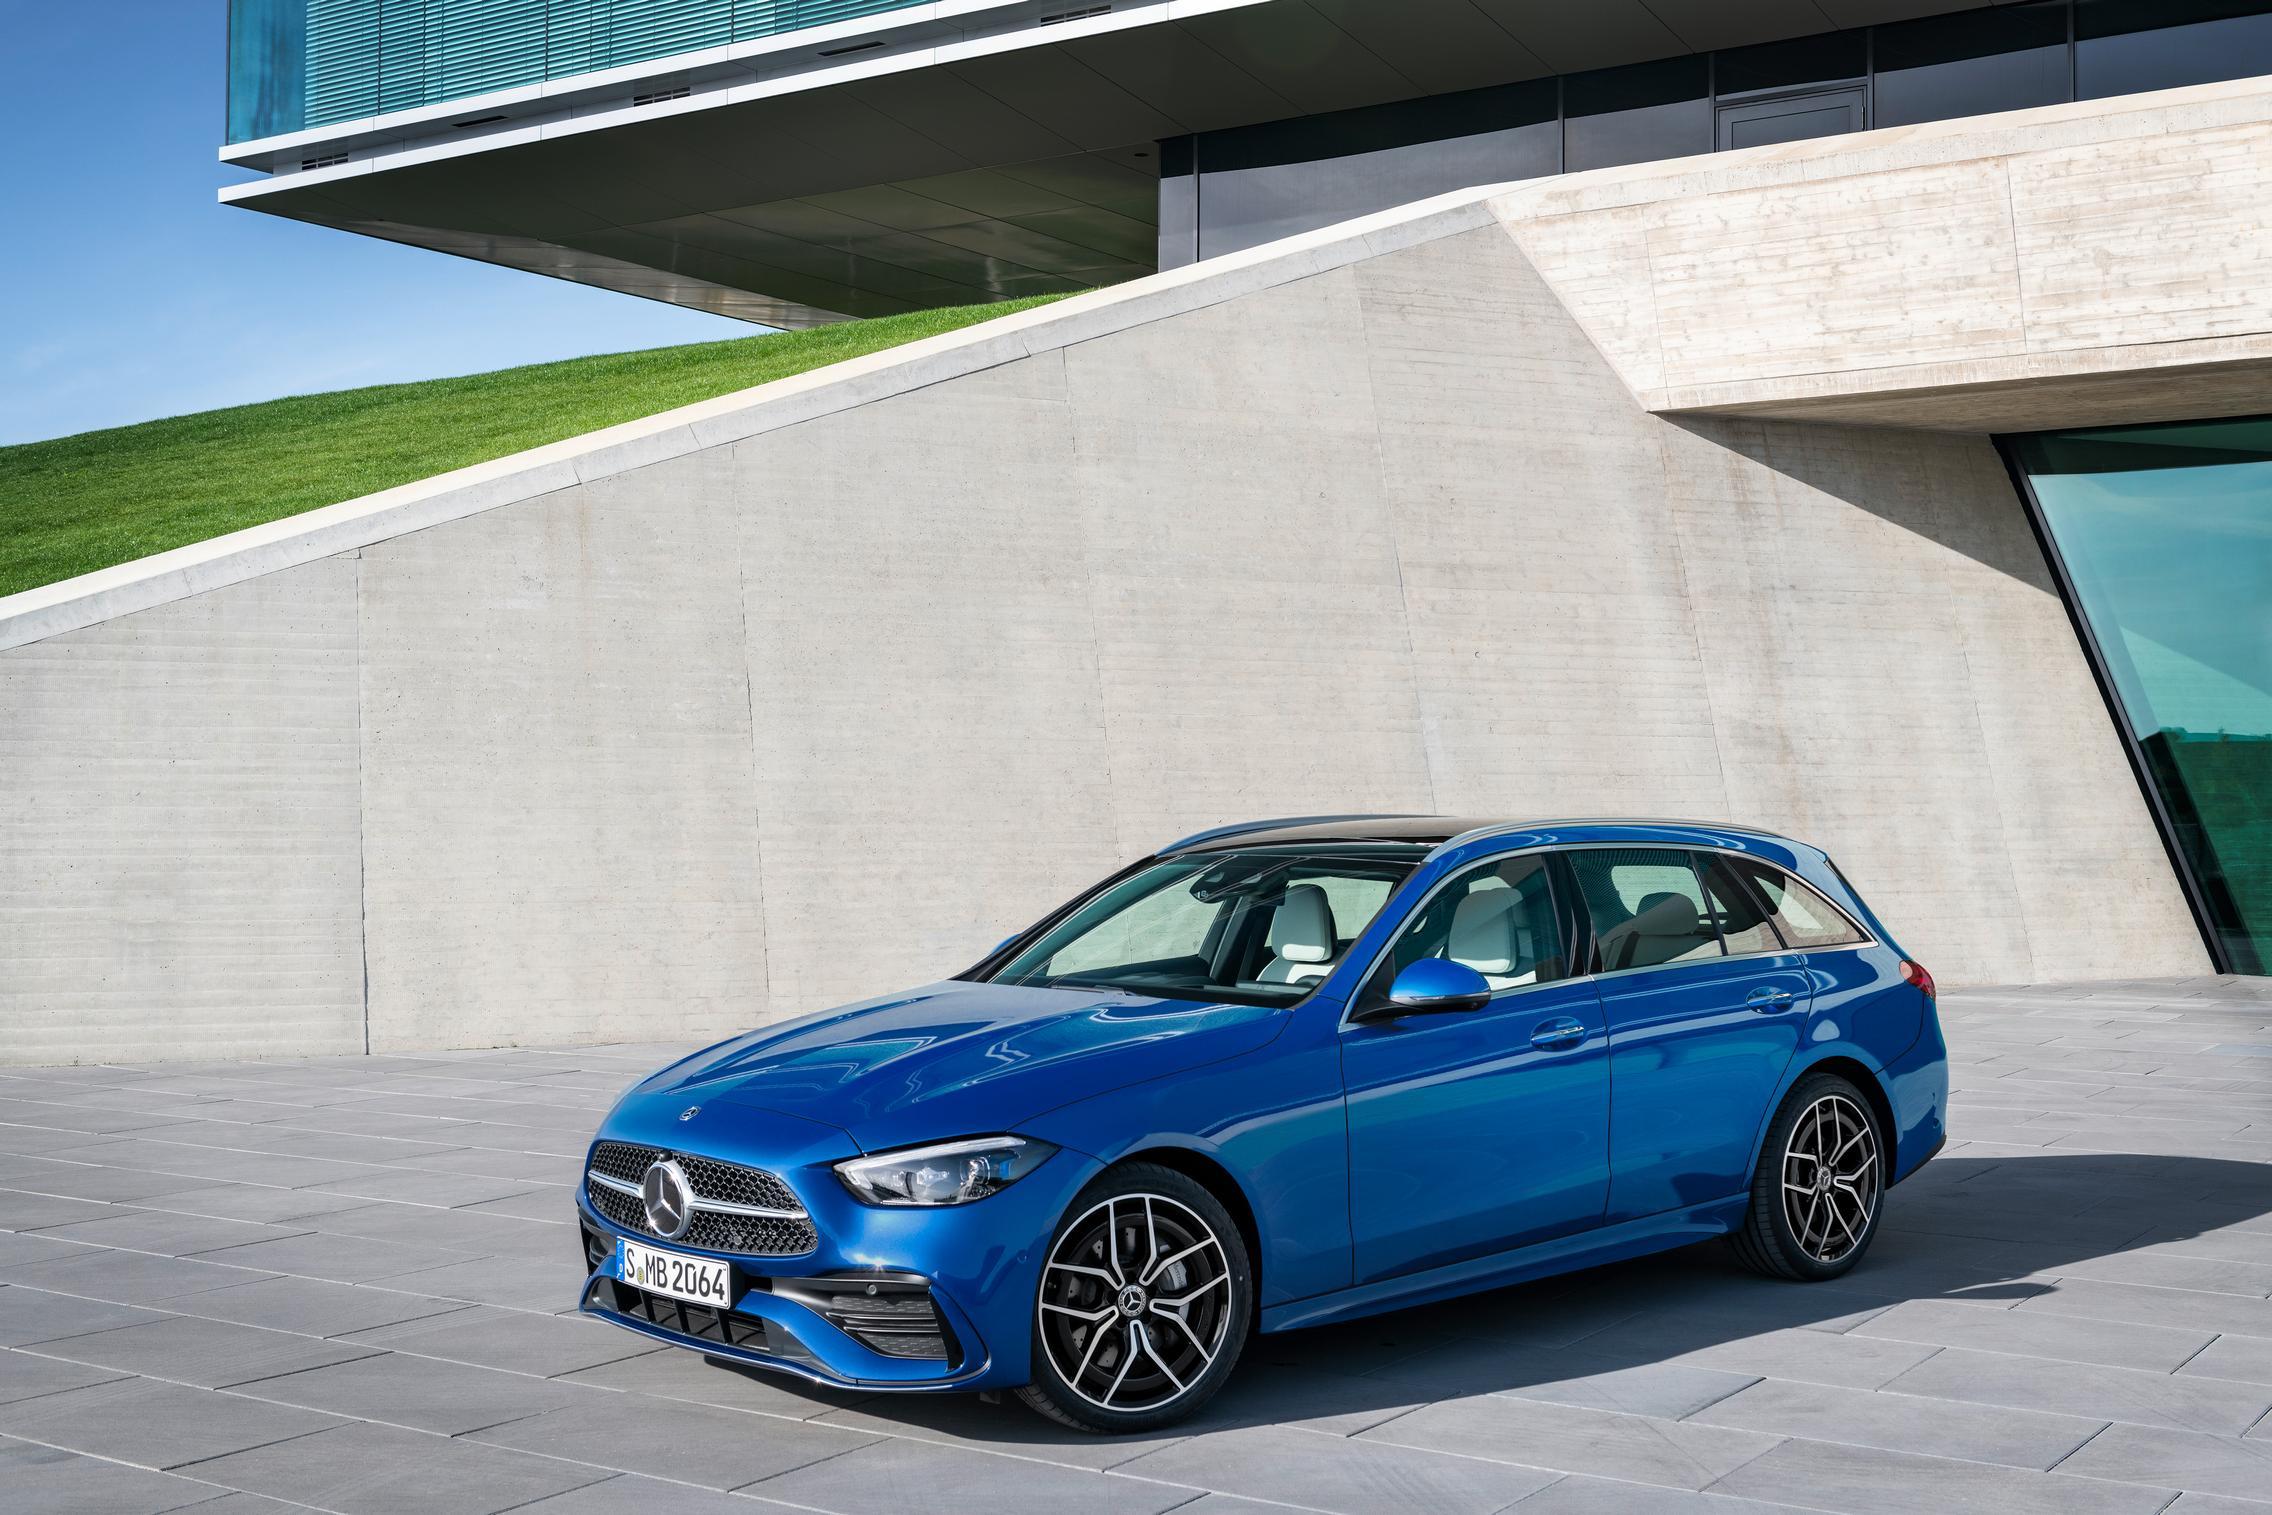 New-W206-C-Class-wagon-blue